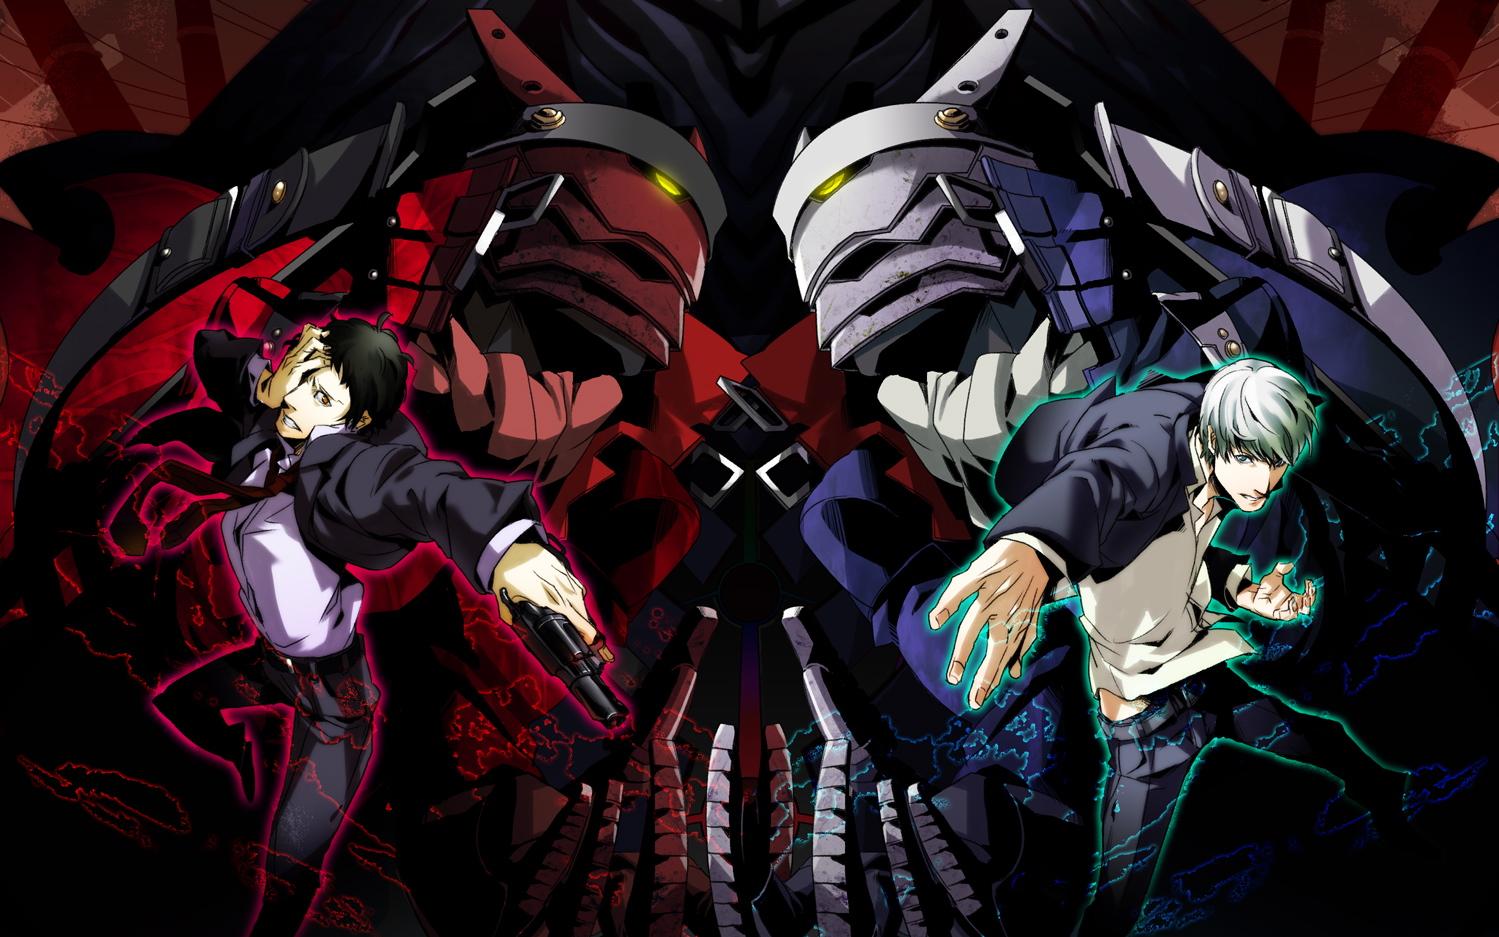 Free download Persona 4 Wallpaper 1499x937 Persona 4